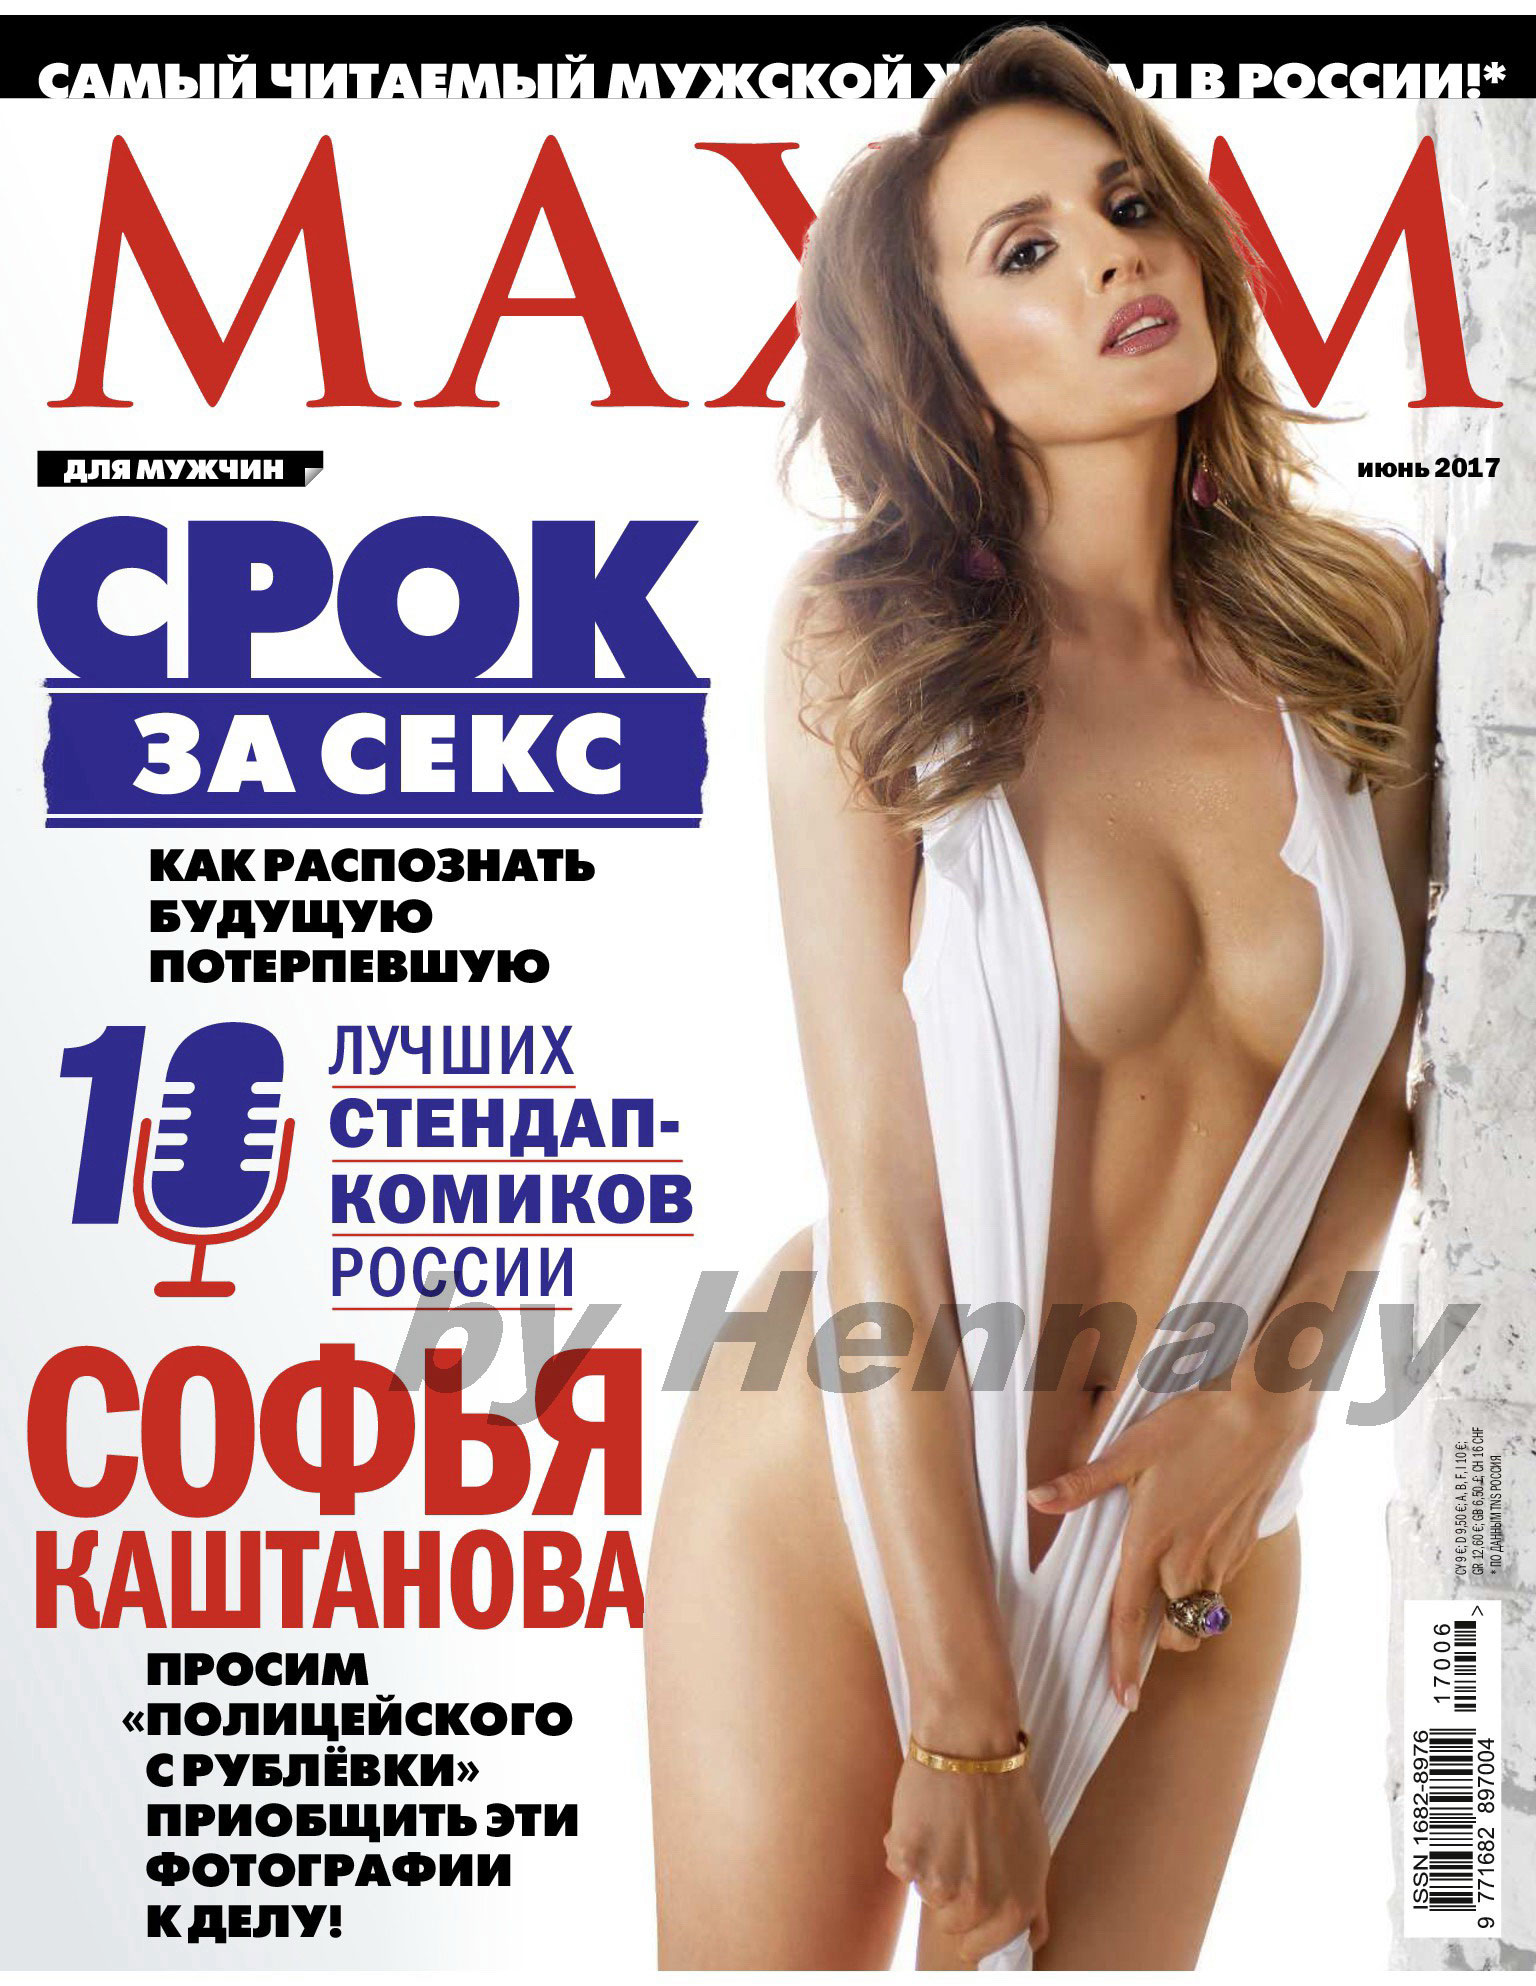 Софья Каштанова в журнале MAXIM